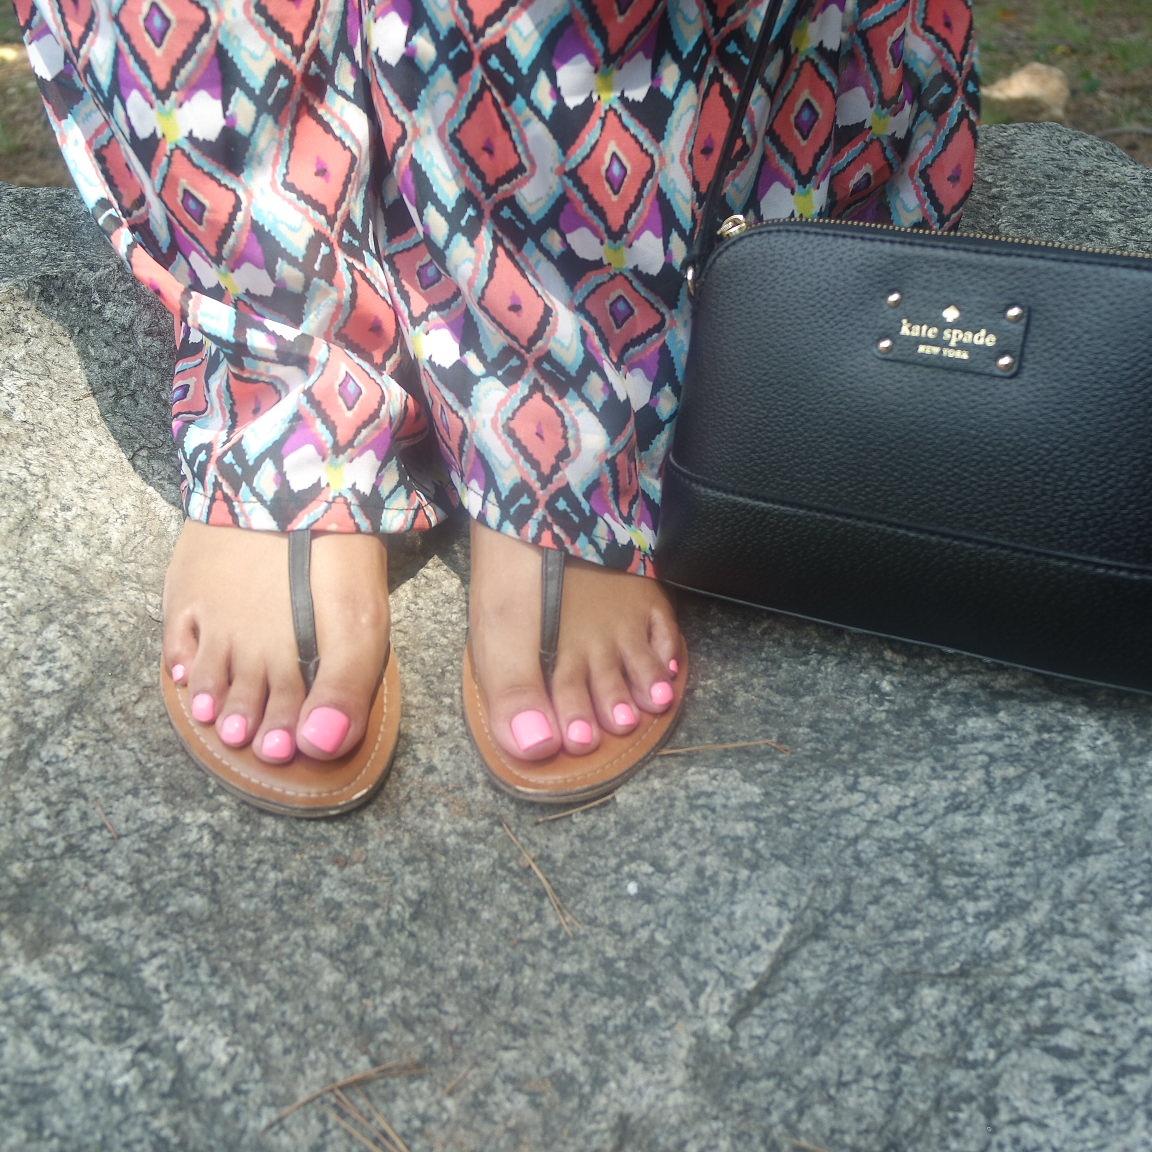 Summer Lookbook: Target Sandal styled 5ways